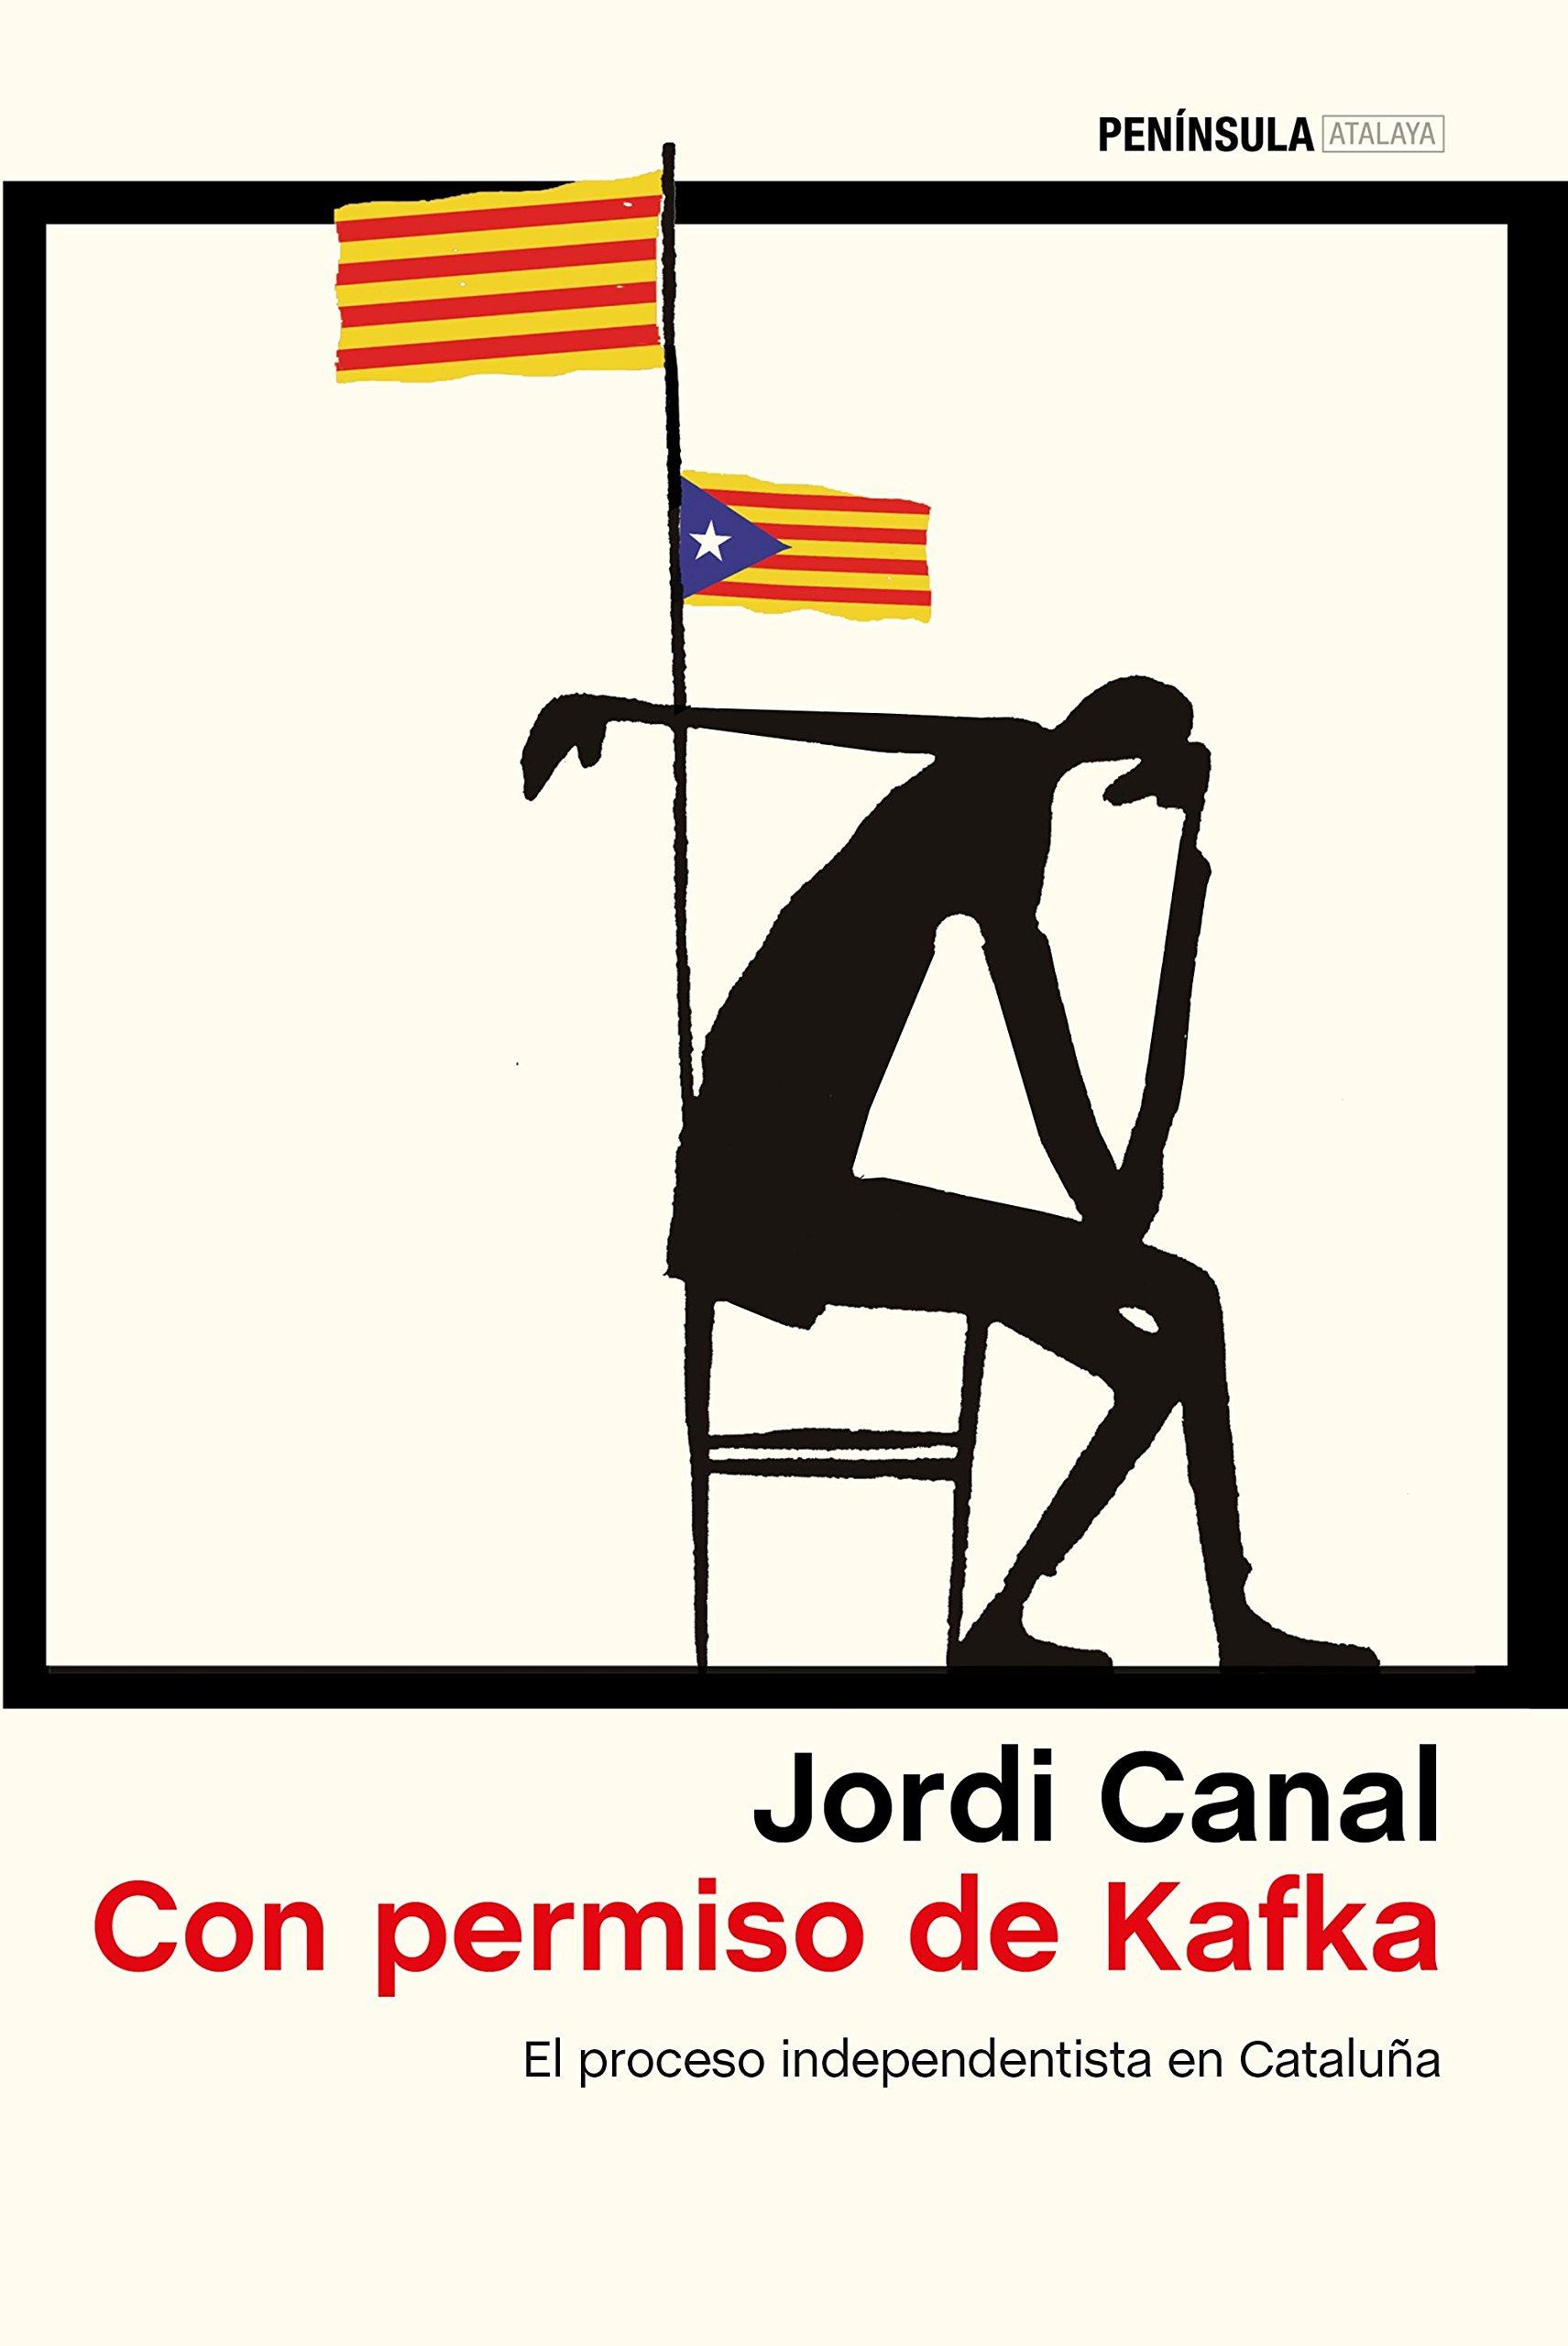 Con permiso de Kafka: El proceso independentista en Cataluña (ATALAYA) Tapa blanda – 10 abr 2018 Jordi Canal Ediciones Península 8499426891 Spain